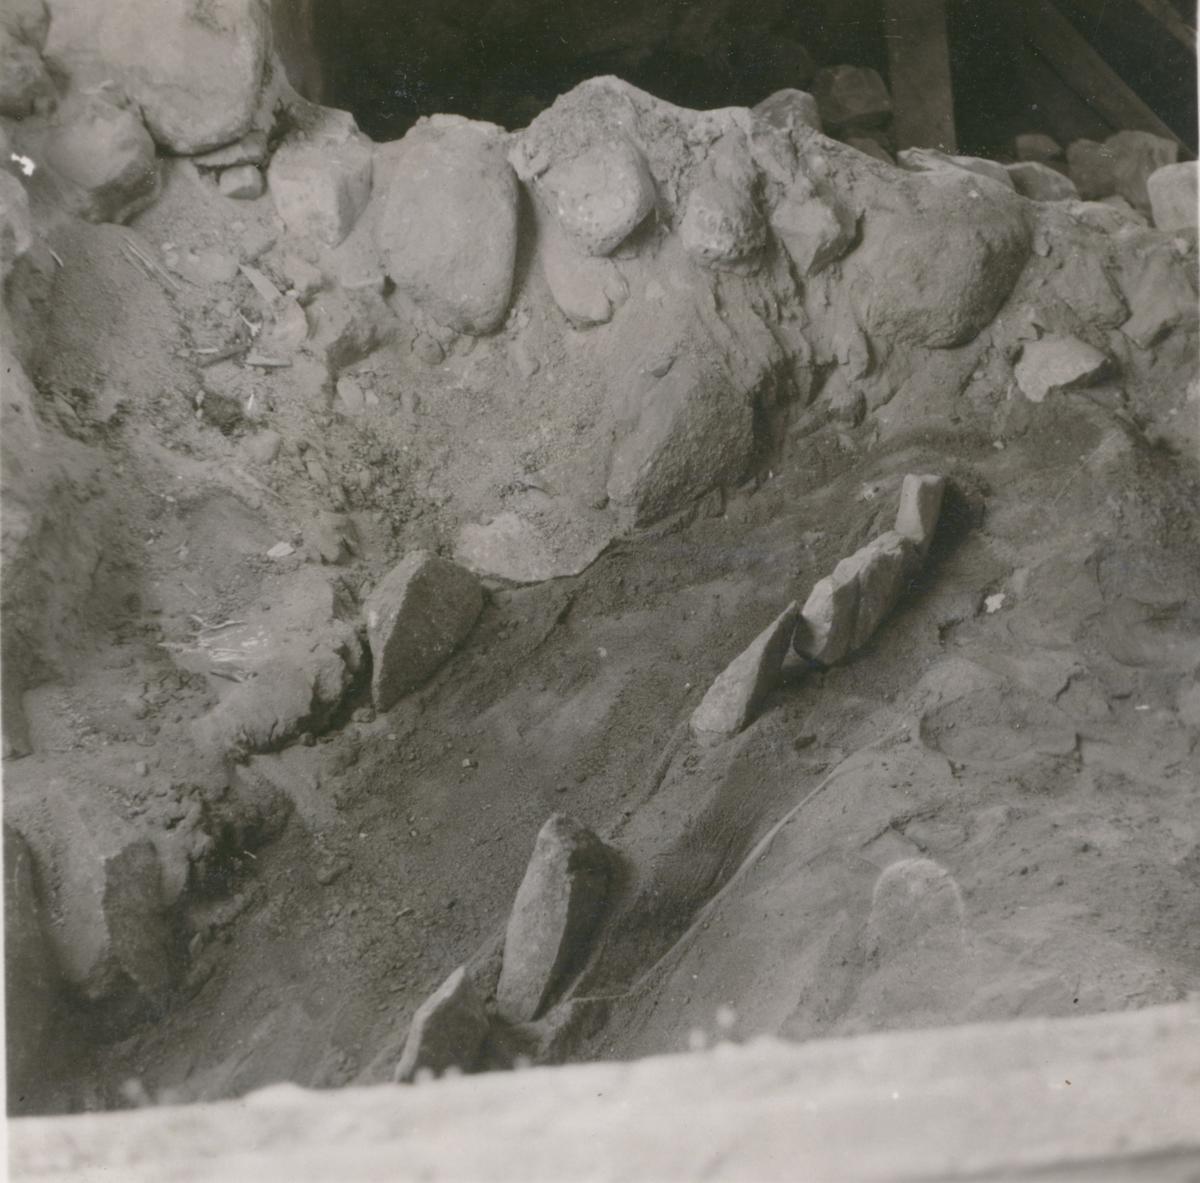 Norra Hagby Nummer 18. Gravfynd år 1943. Hällkista